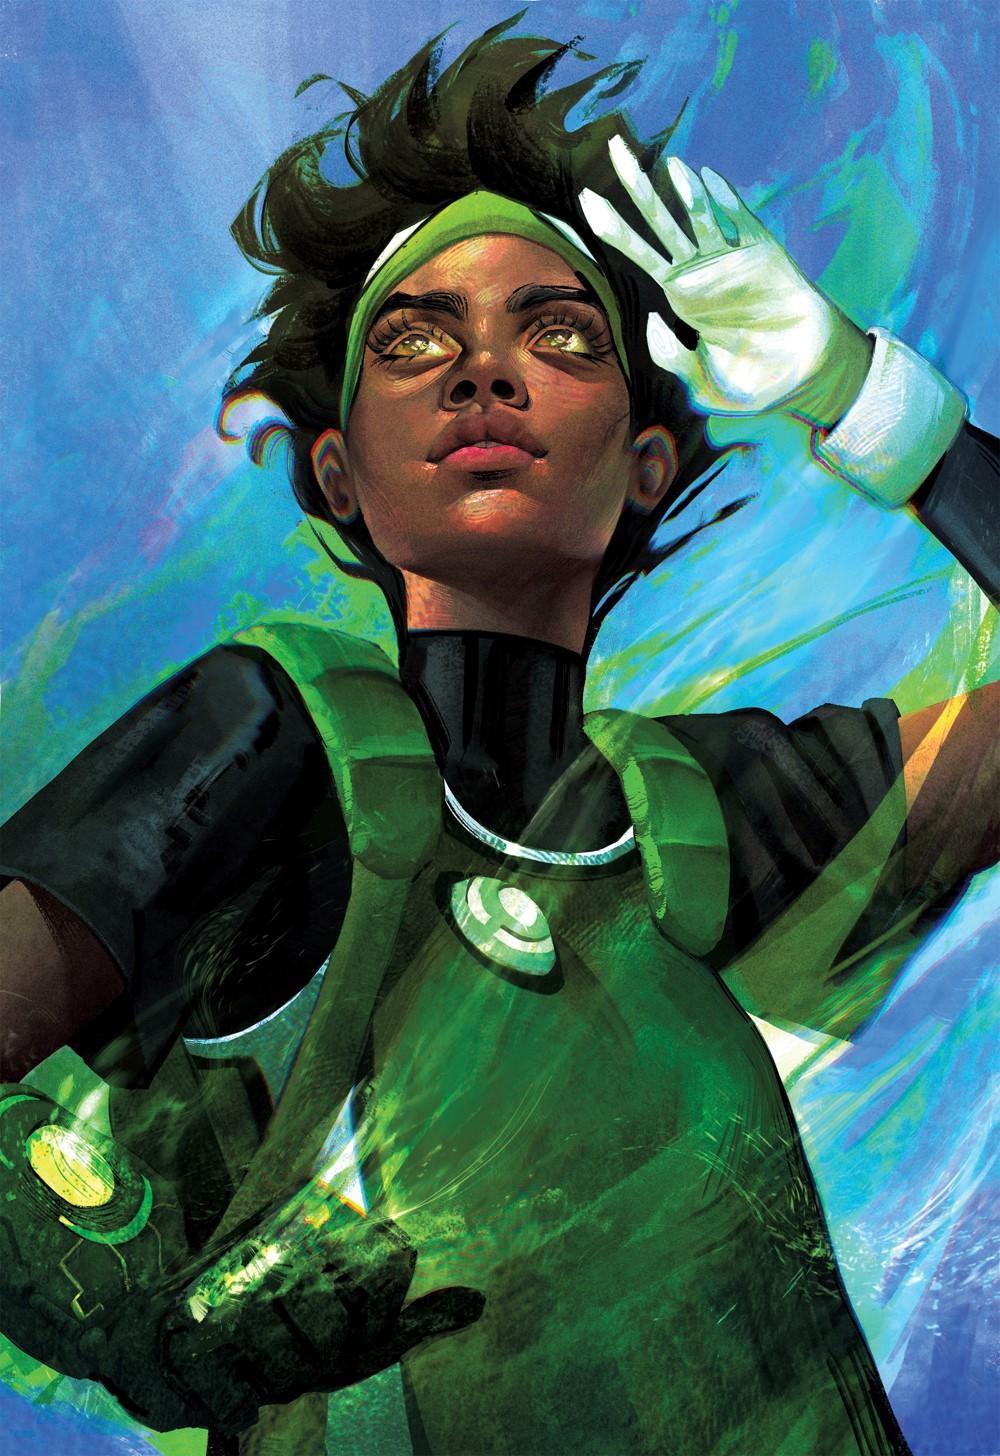 GreenLantern_Cv8 DC Comics November 2021 Solicitations